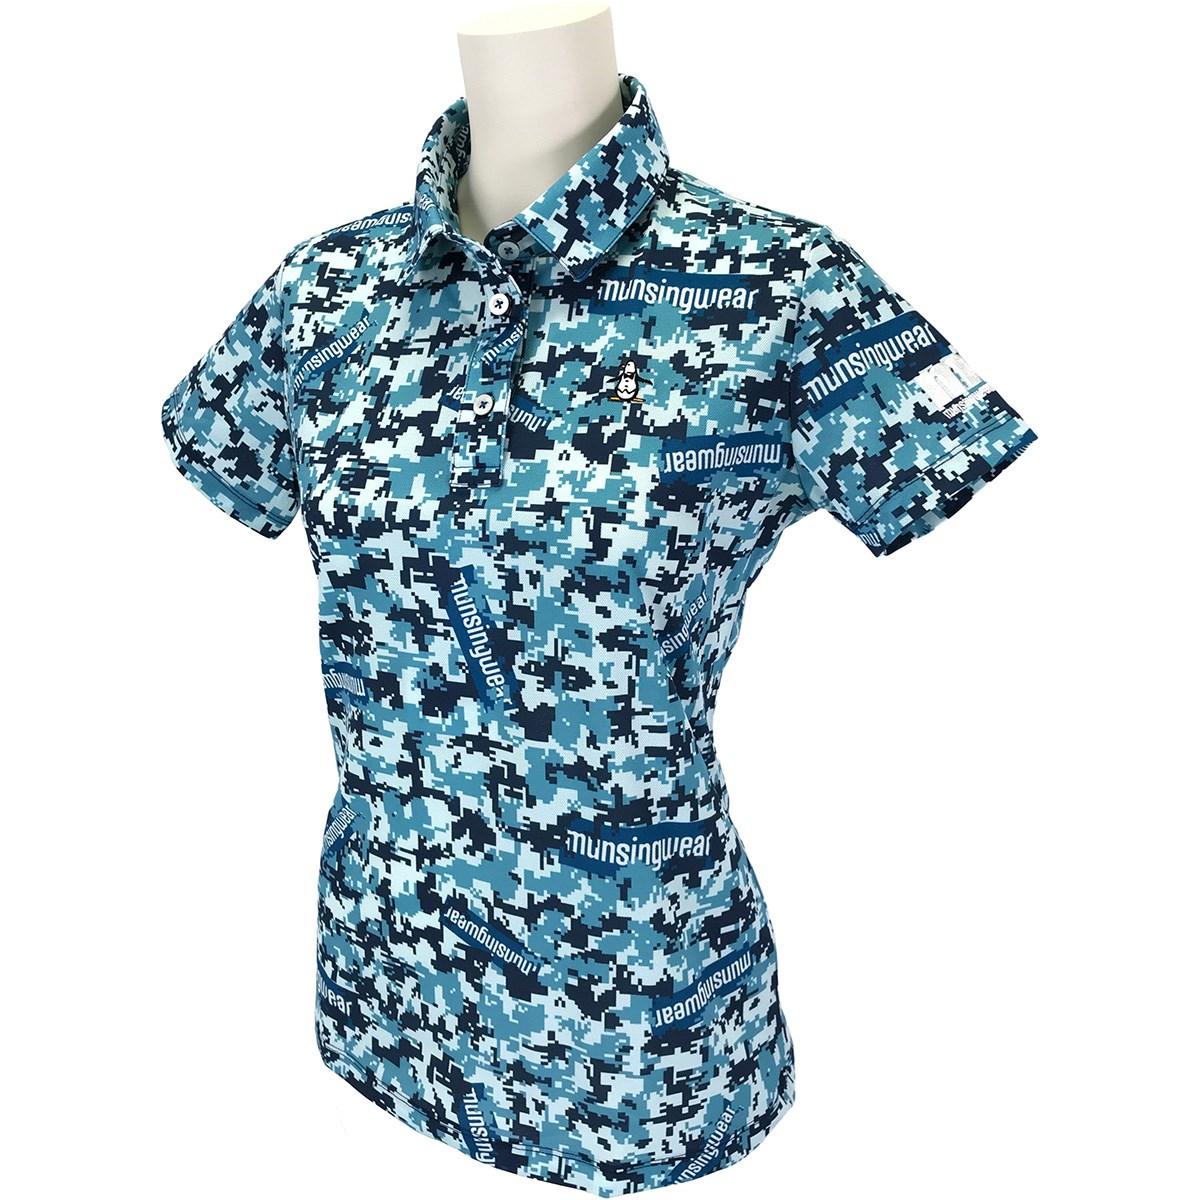 マンシングウェア Munsingwear ENVOY ストレッチ サンスクリーン デジカモプリント半袖ポロシャツ L エメラルド 00 レディス